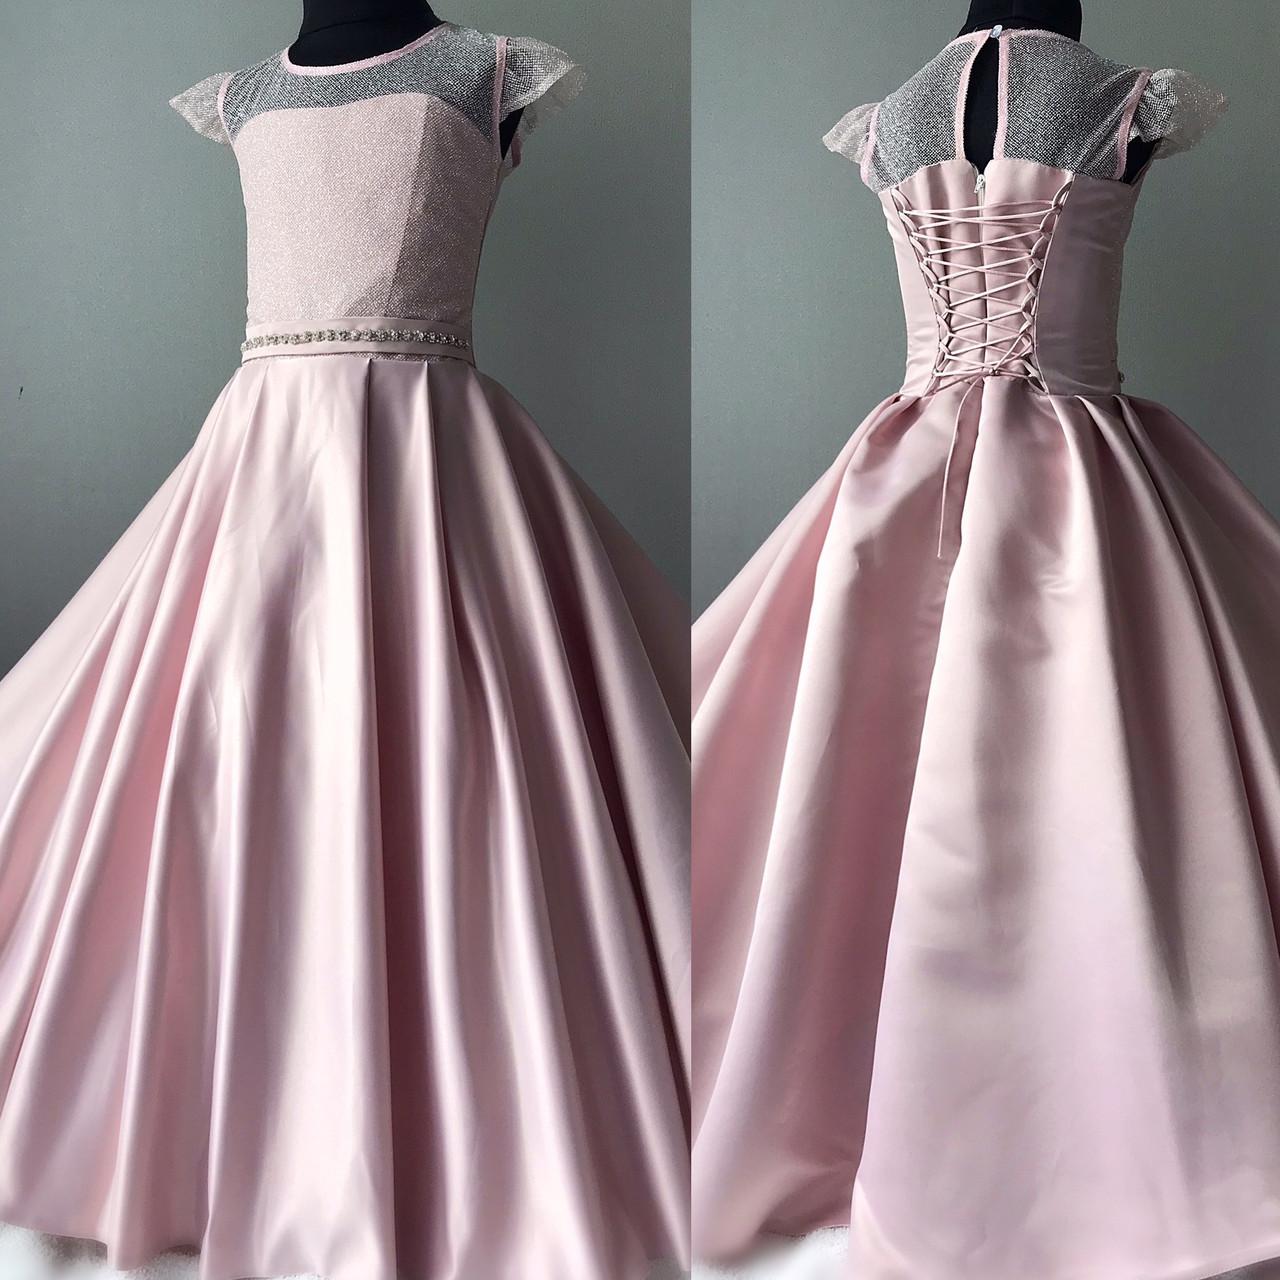 Детское атласное платье пудрового оттенка Размер 34